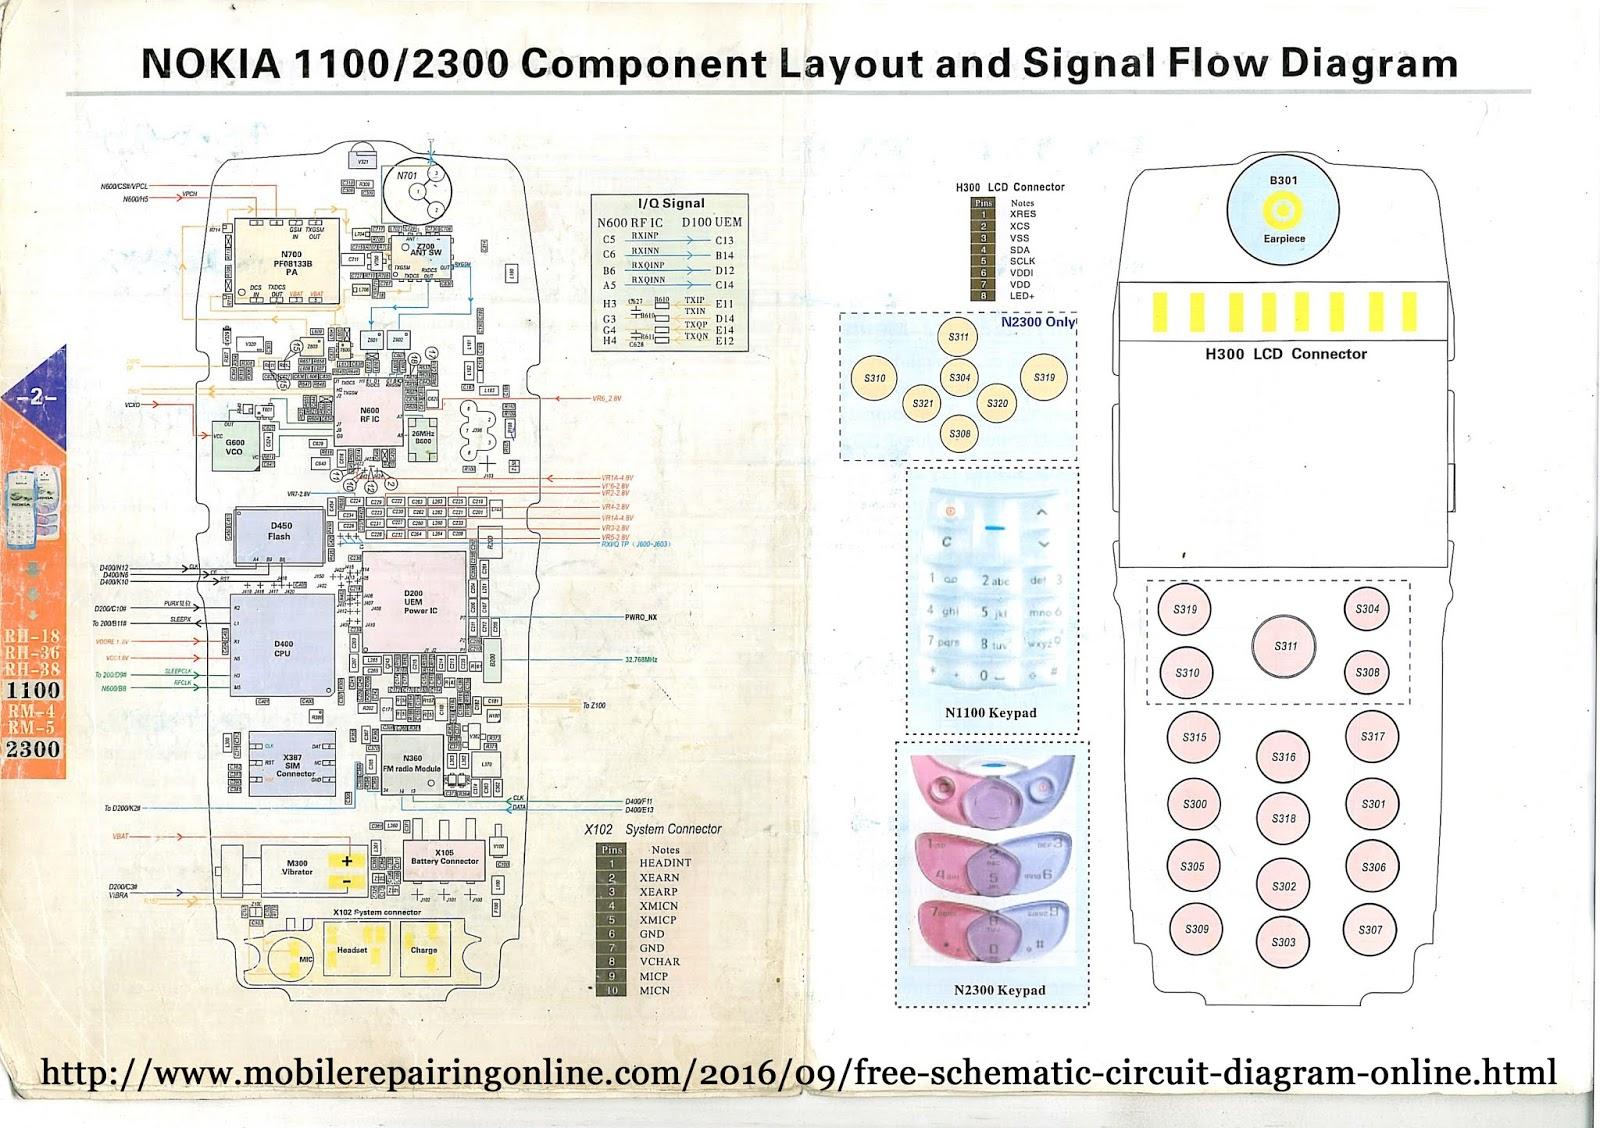 schematic diagram for nokia mobile phones mobilerepairingonline rh mobilerepairingonline com Printed Circuit Board Diagram Circuit Diagram Symbols